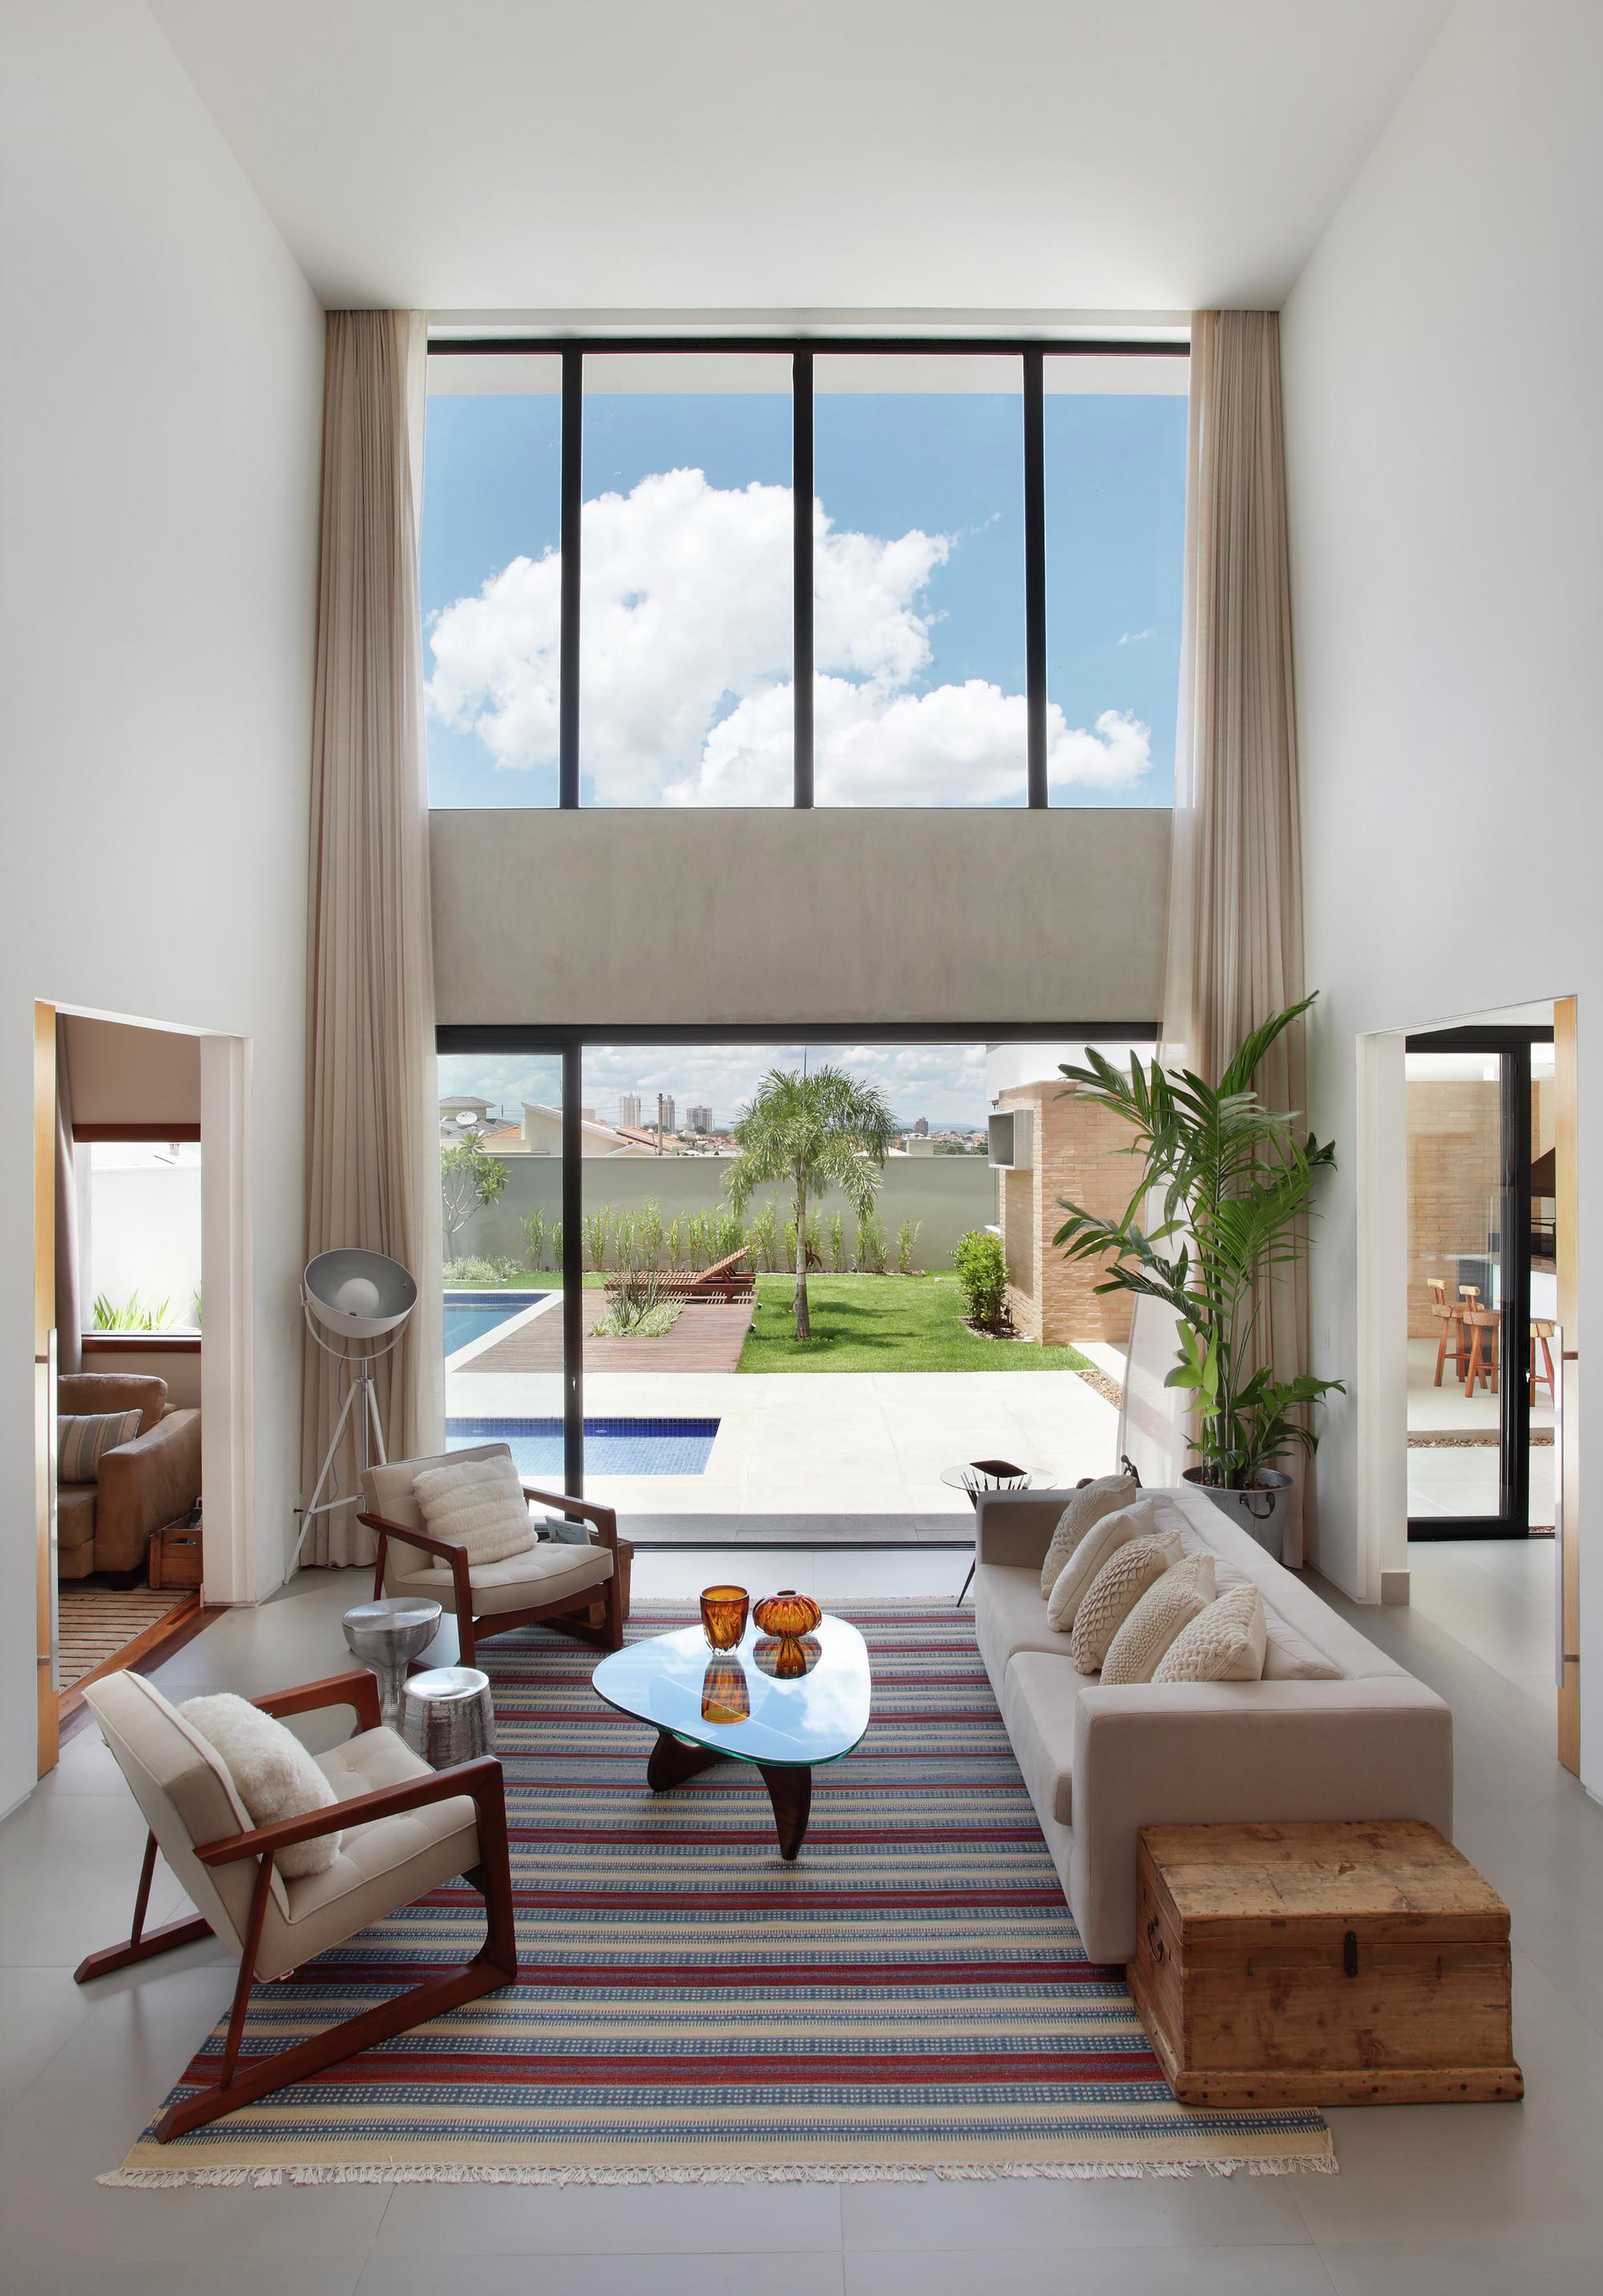 Casa MR / idsp arquitetos